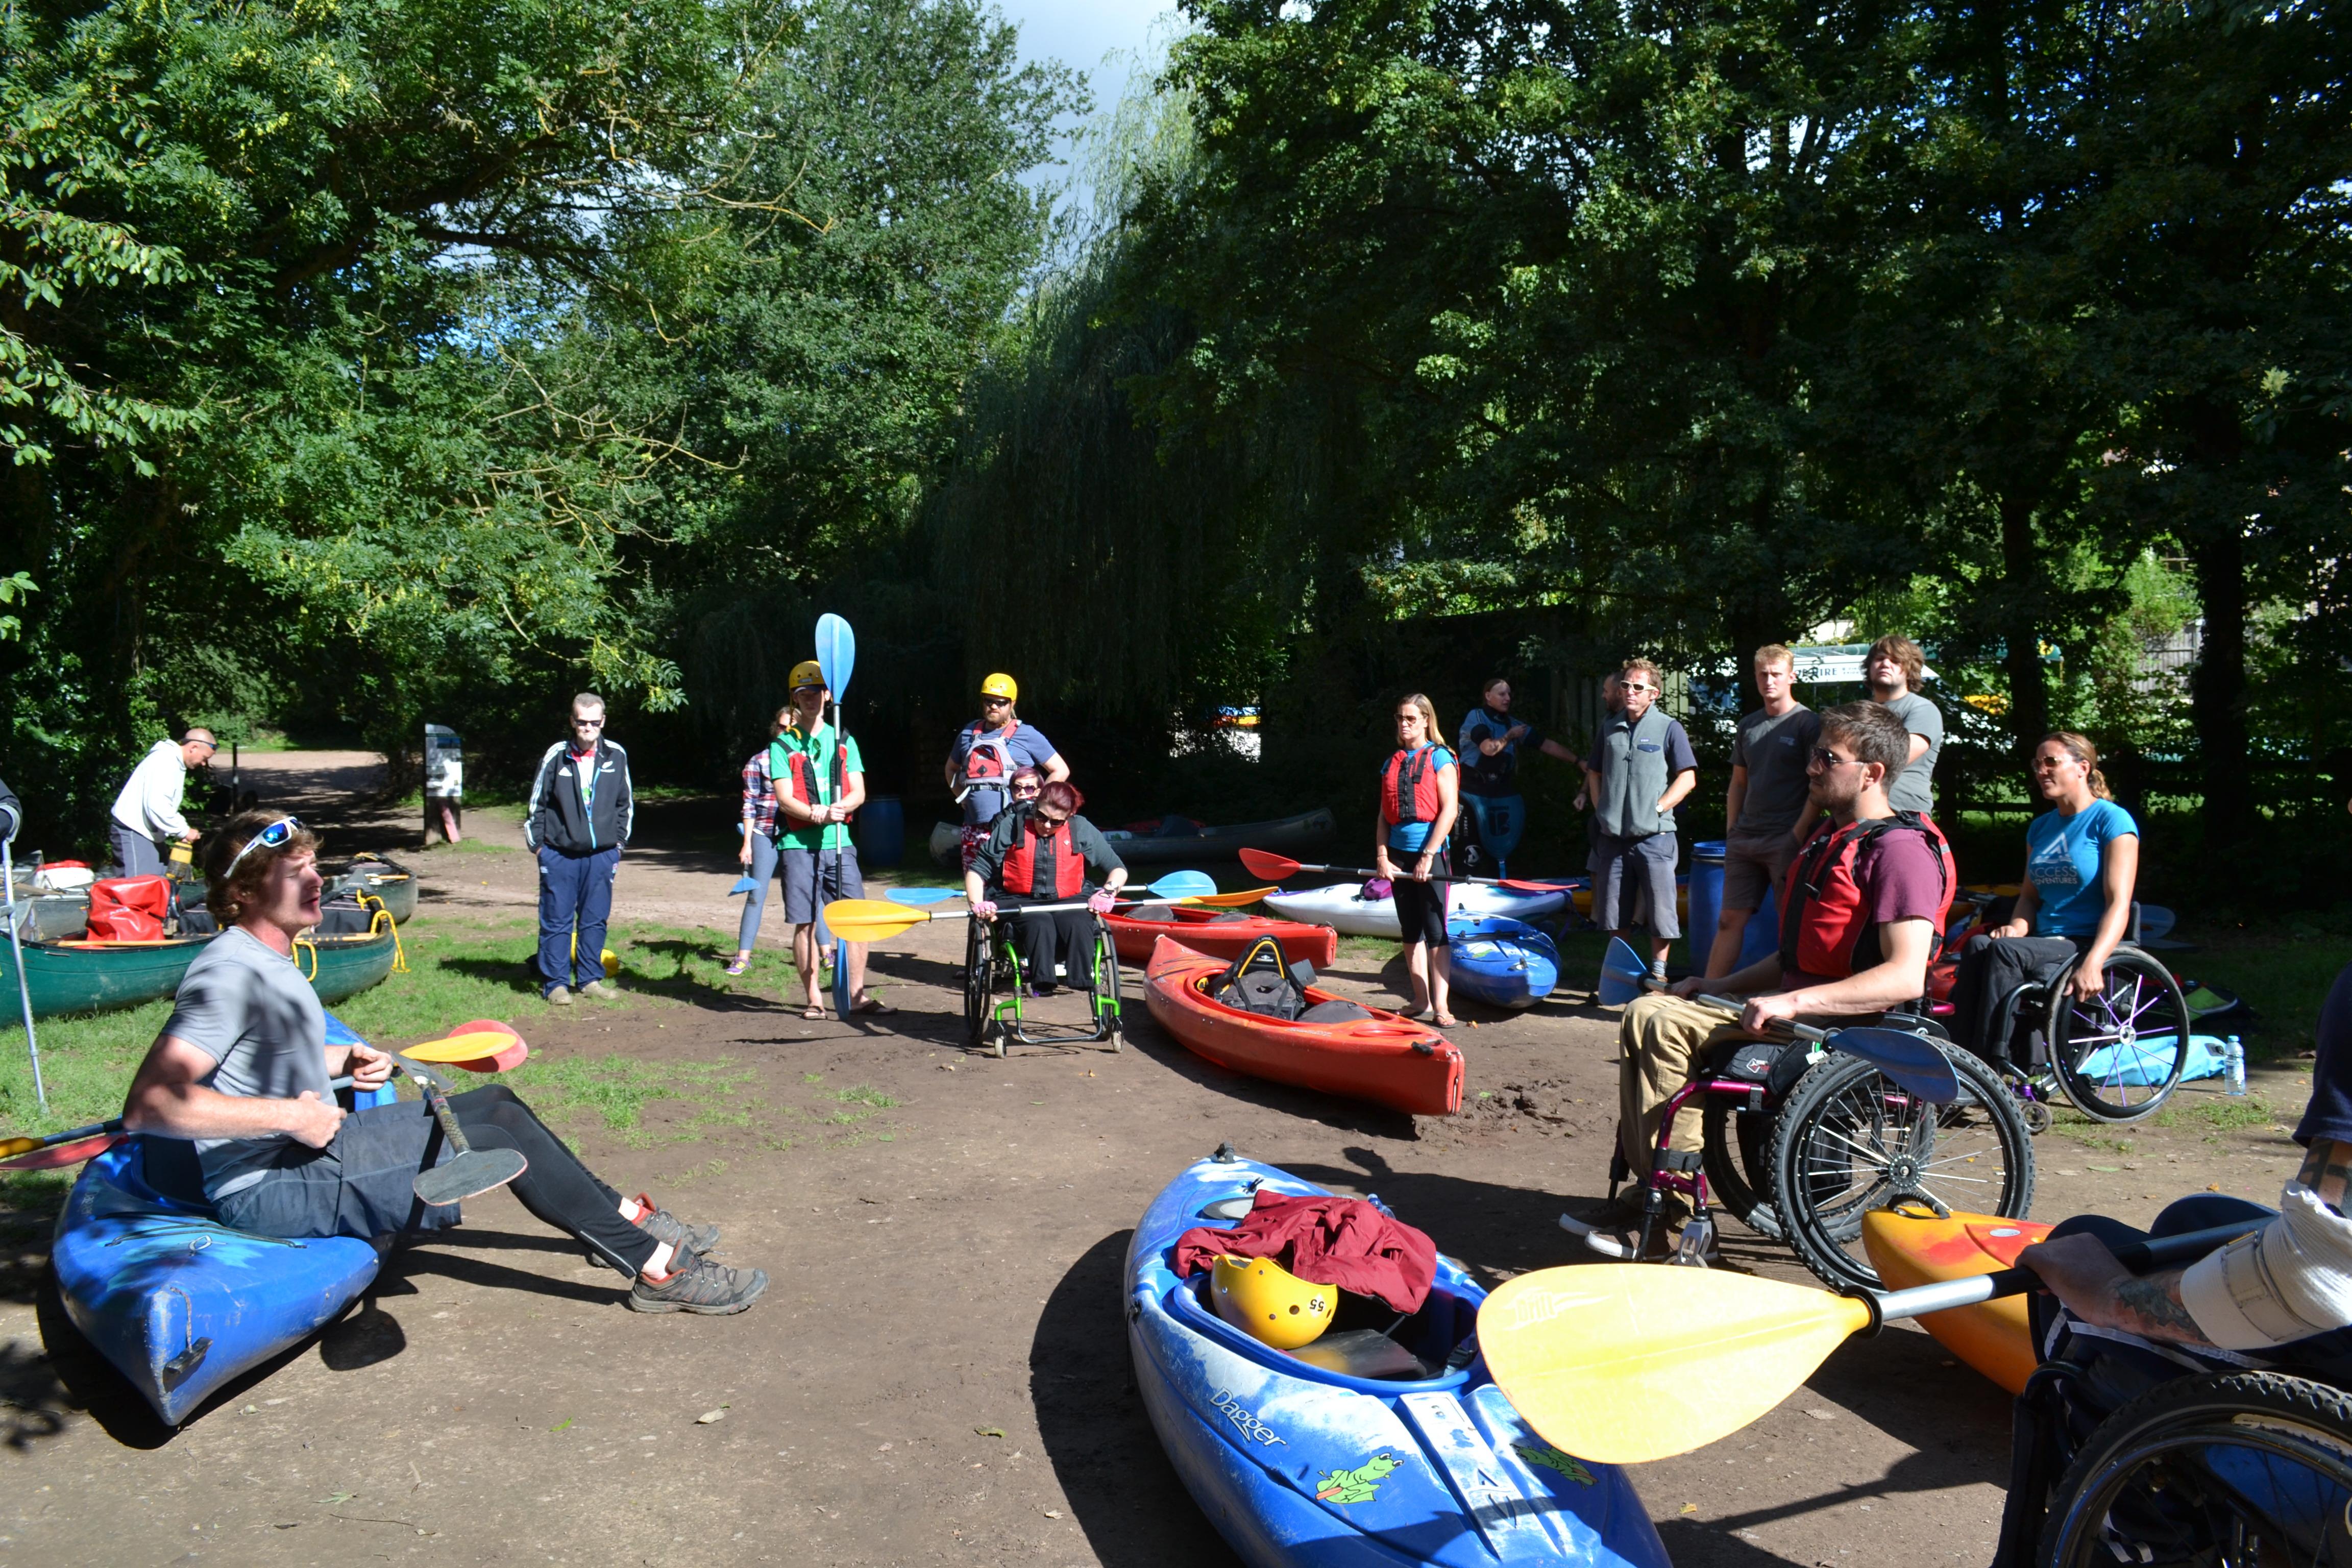 Kayaking set-up